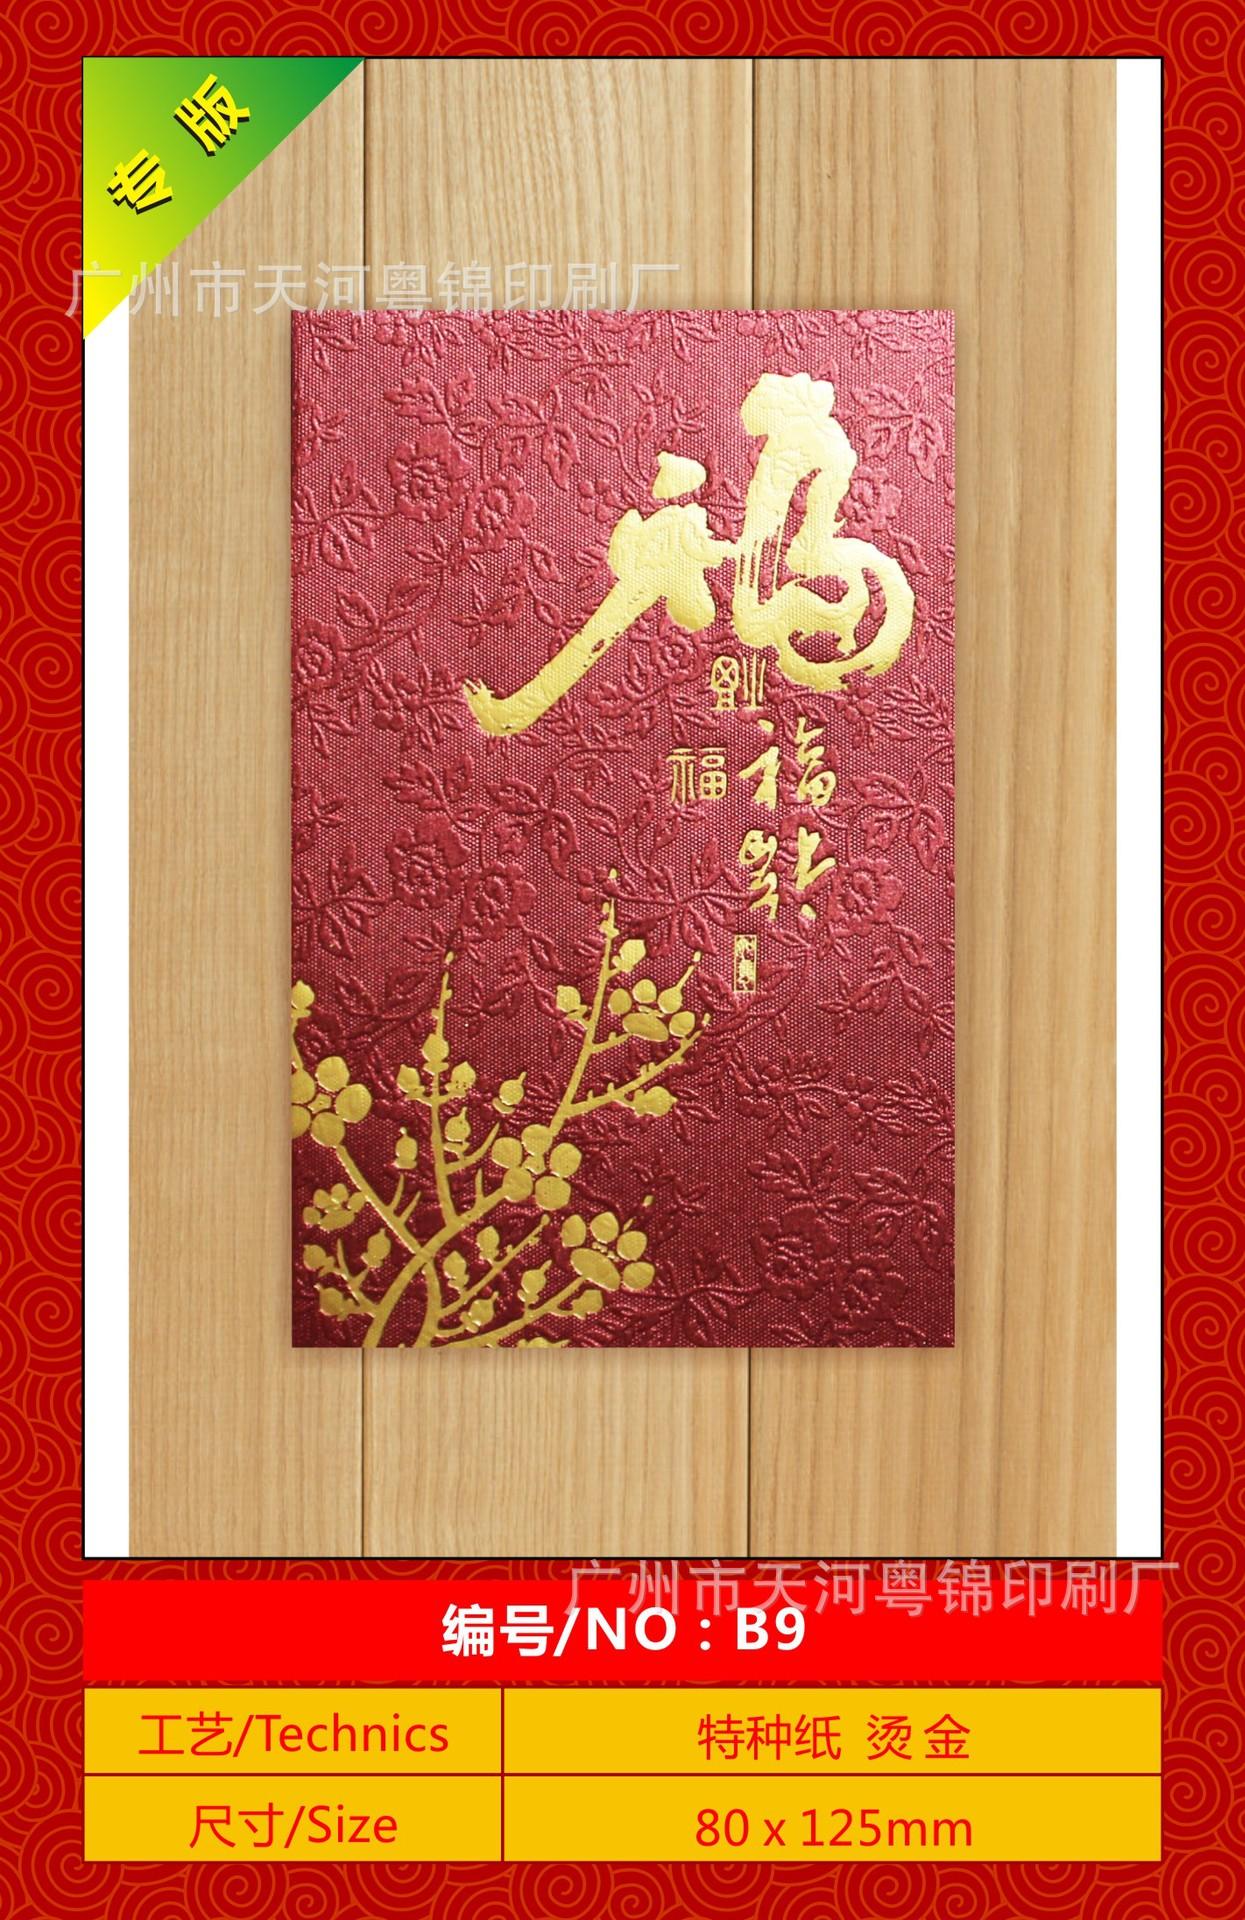 【小号】专版红包利是封样板图片NO:B9